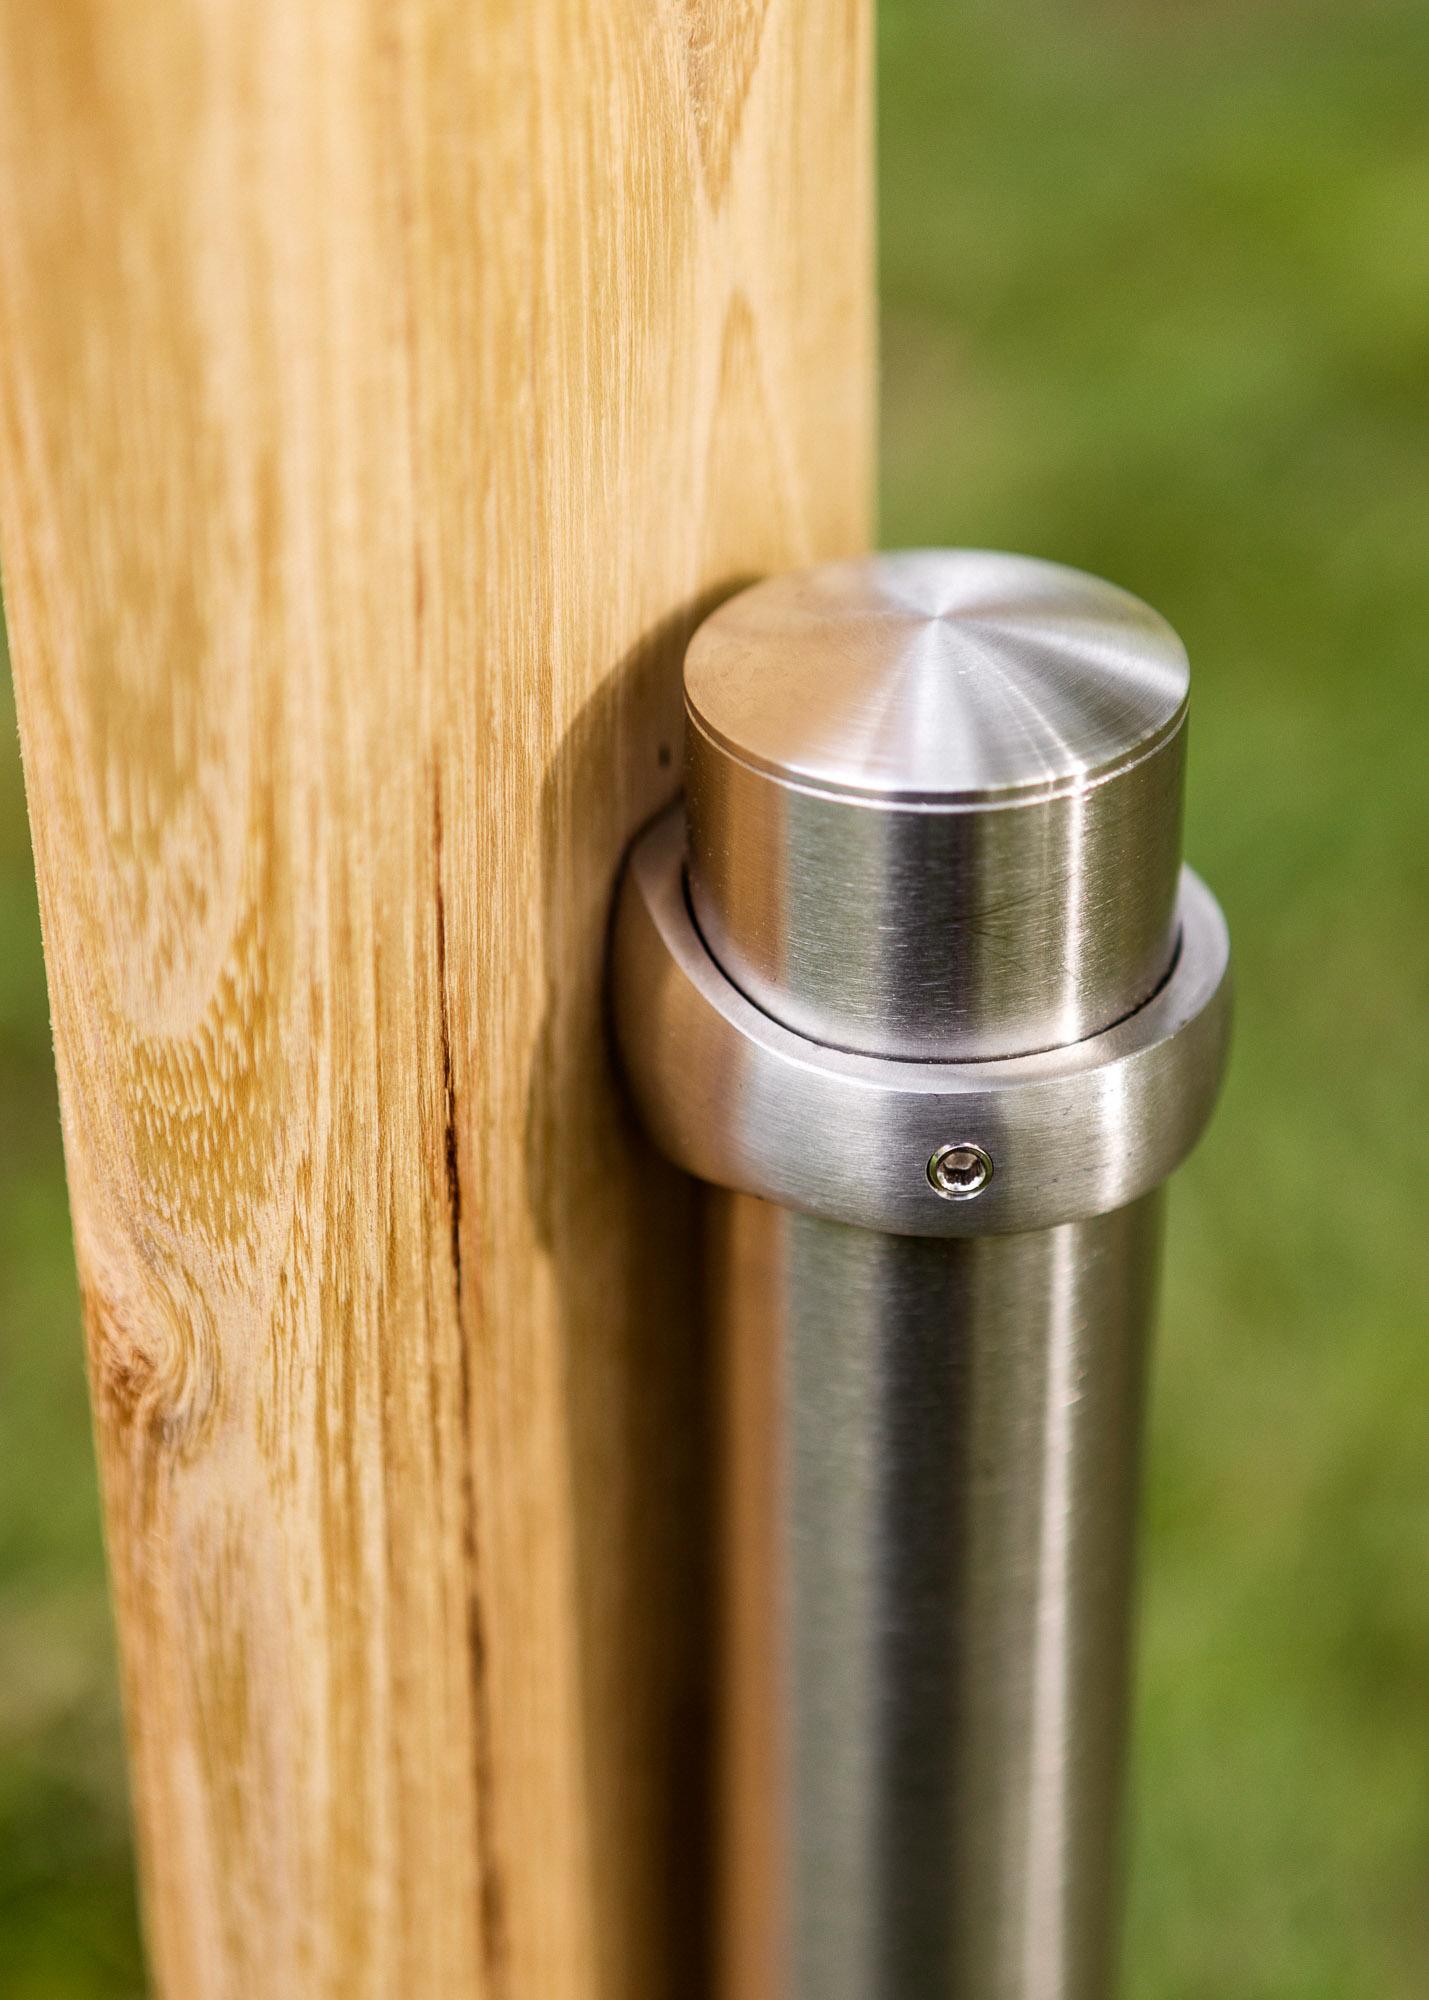 Holzgrabmal - Holzstele mit quadratischem Querschnitt und runder Emailleschild